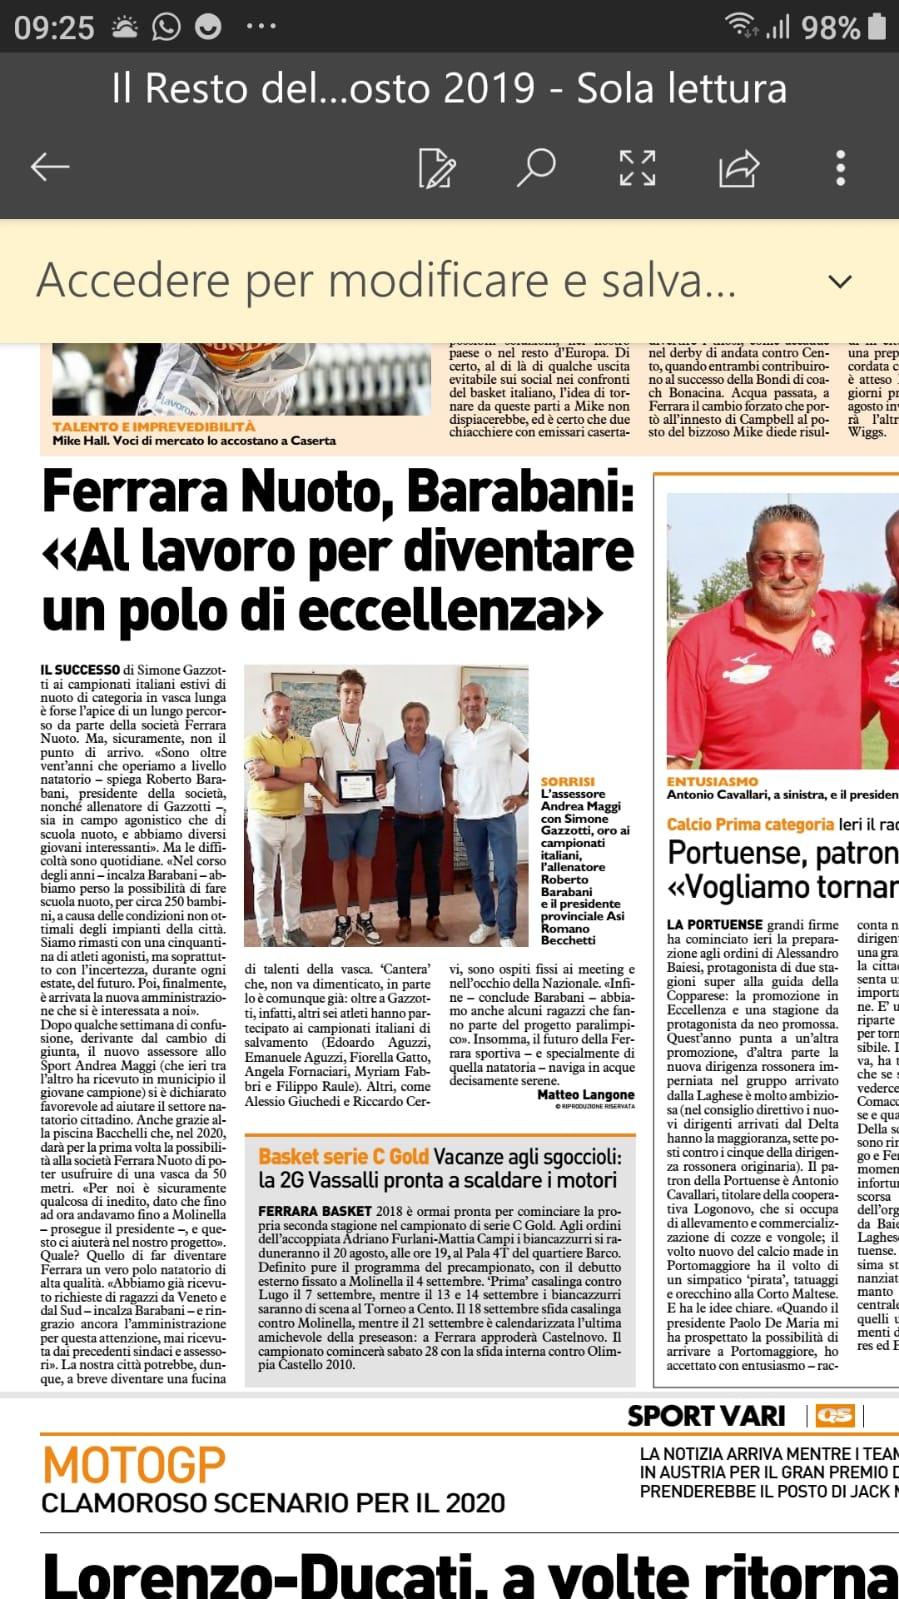 Simone Gazzotti e coach Barabani ricevuti dall'assessore Maggi: Ferrara Nuoto eccellenza in città